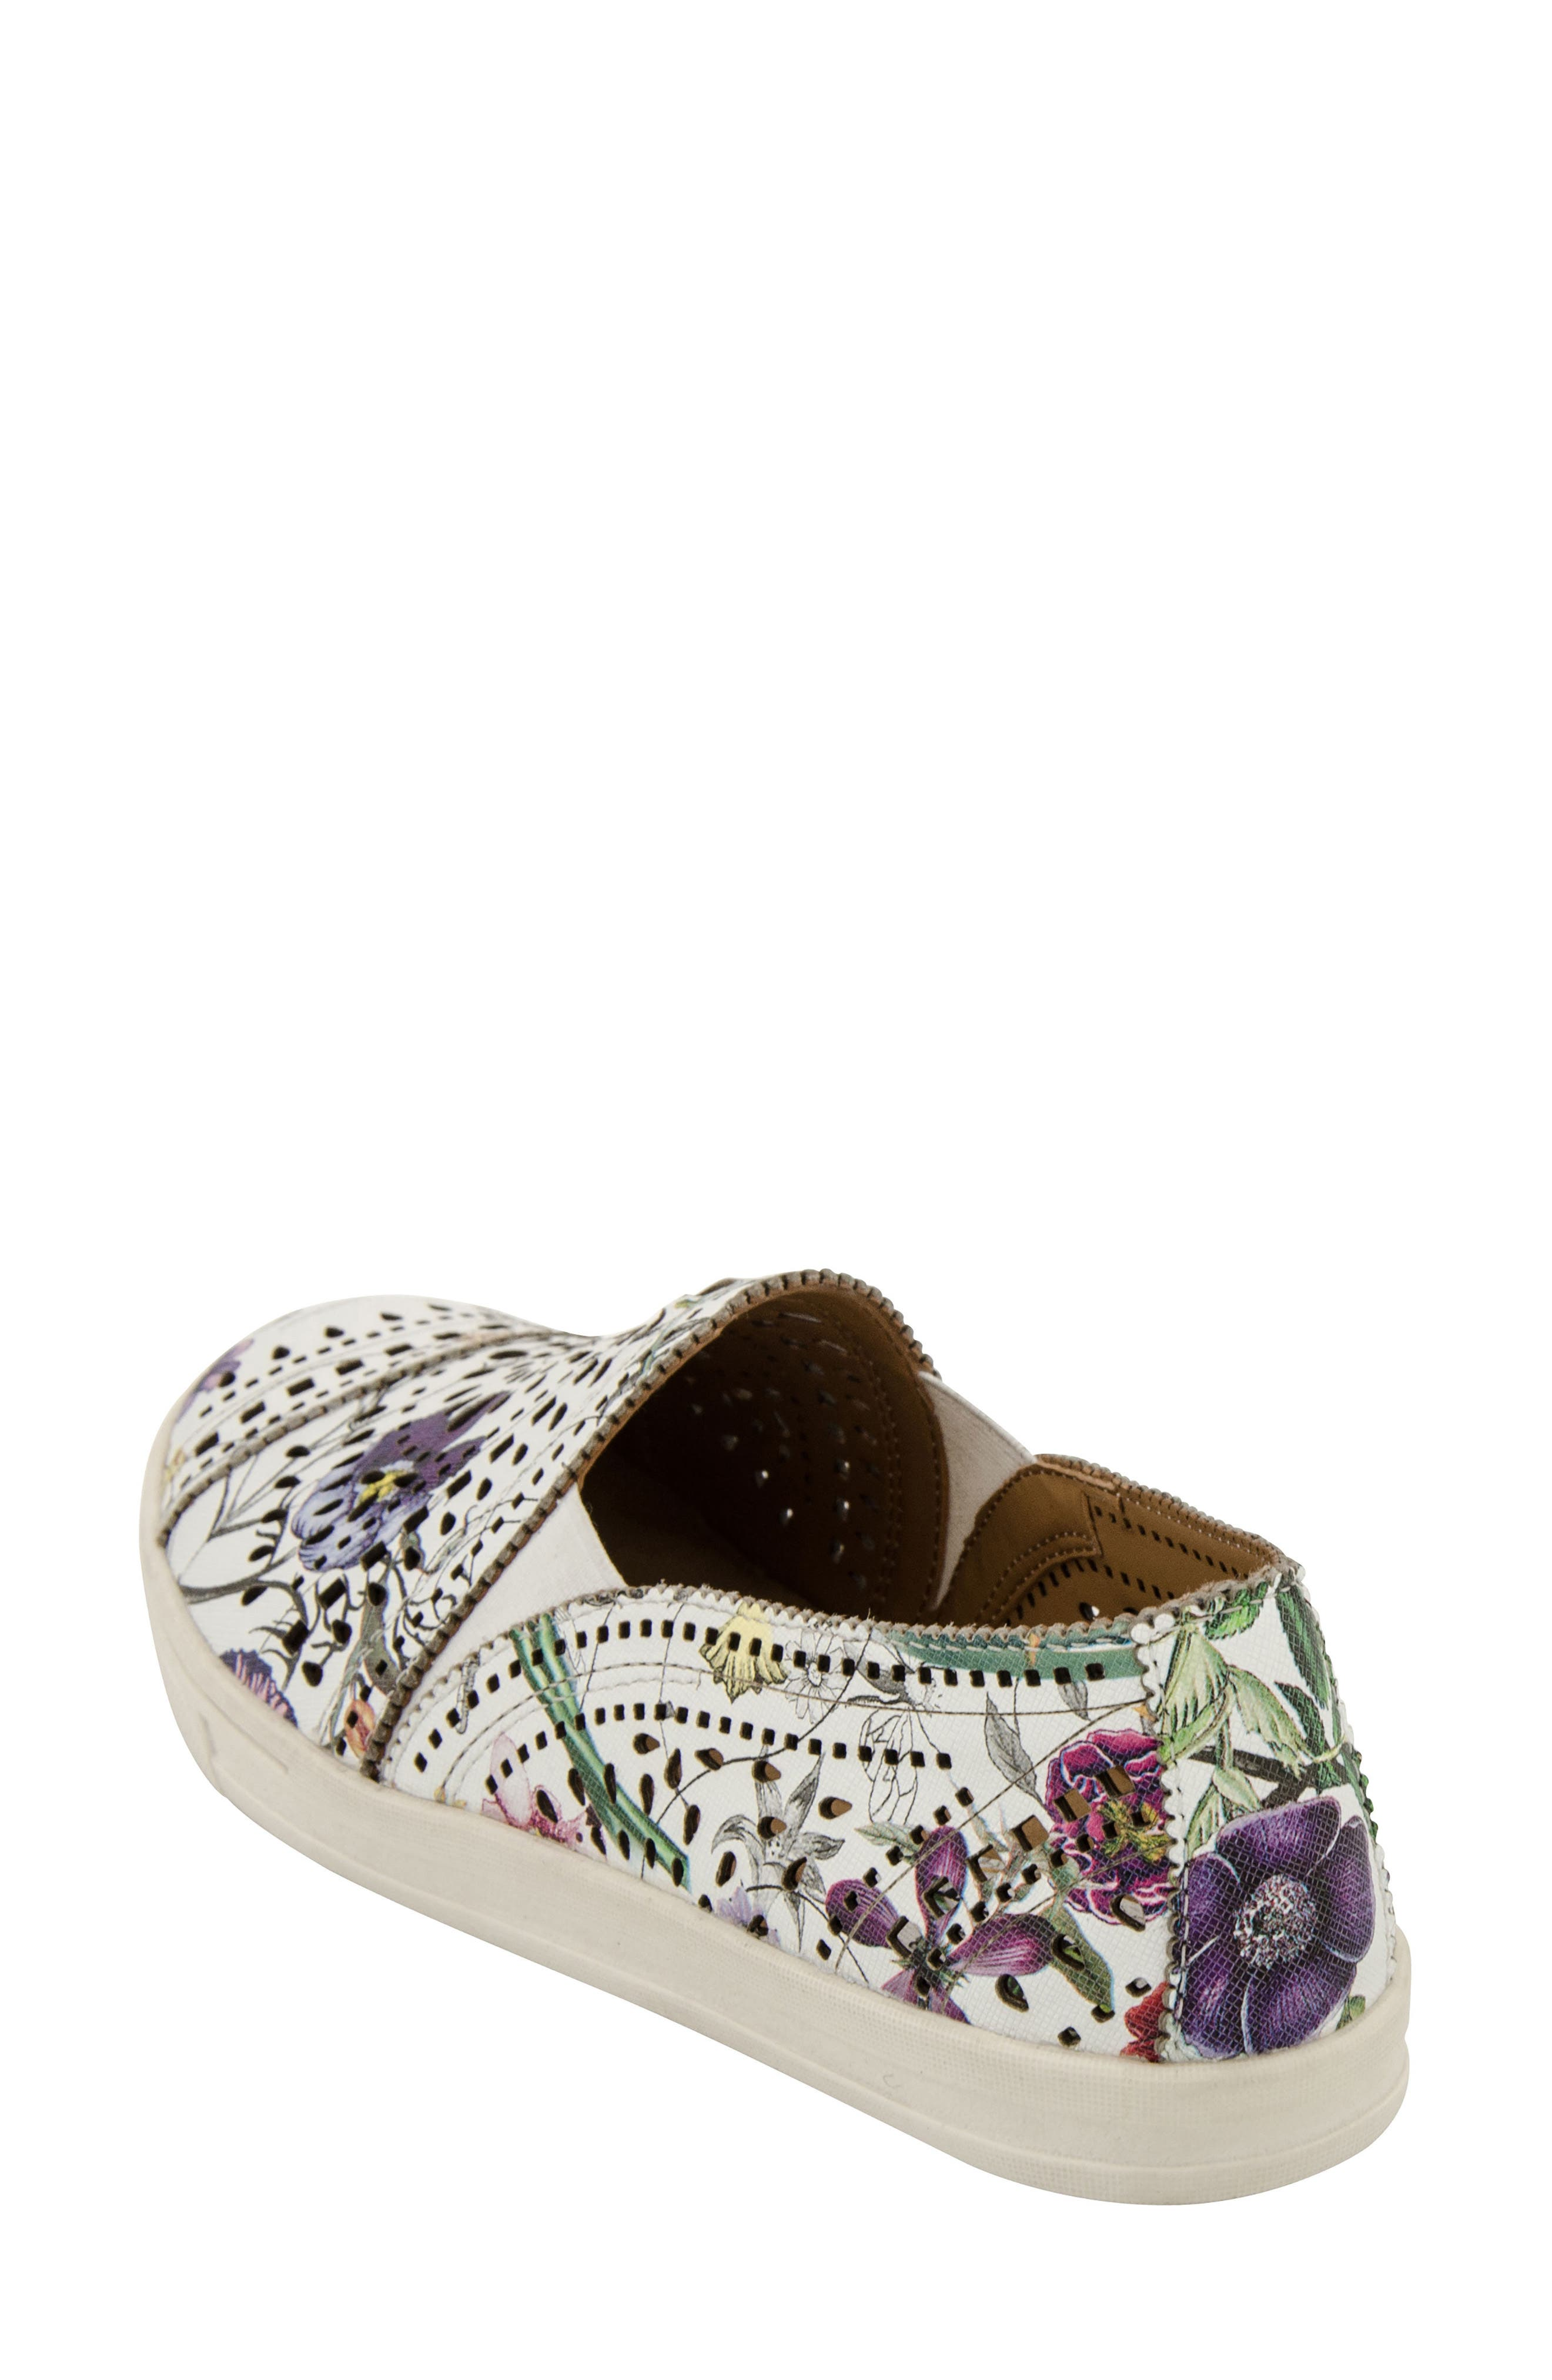 Alternate Image 2  - Earth® 'Tangelo' Slip-On Sneaker (Women)